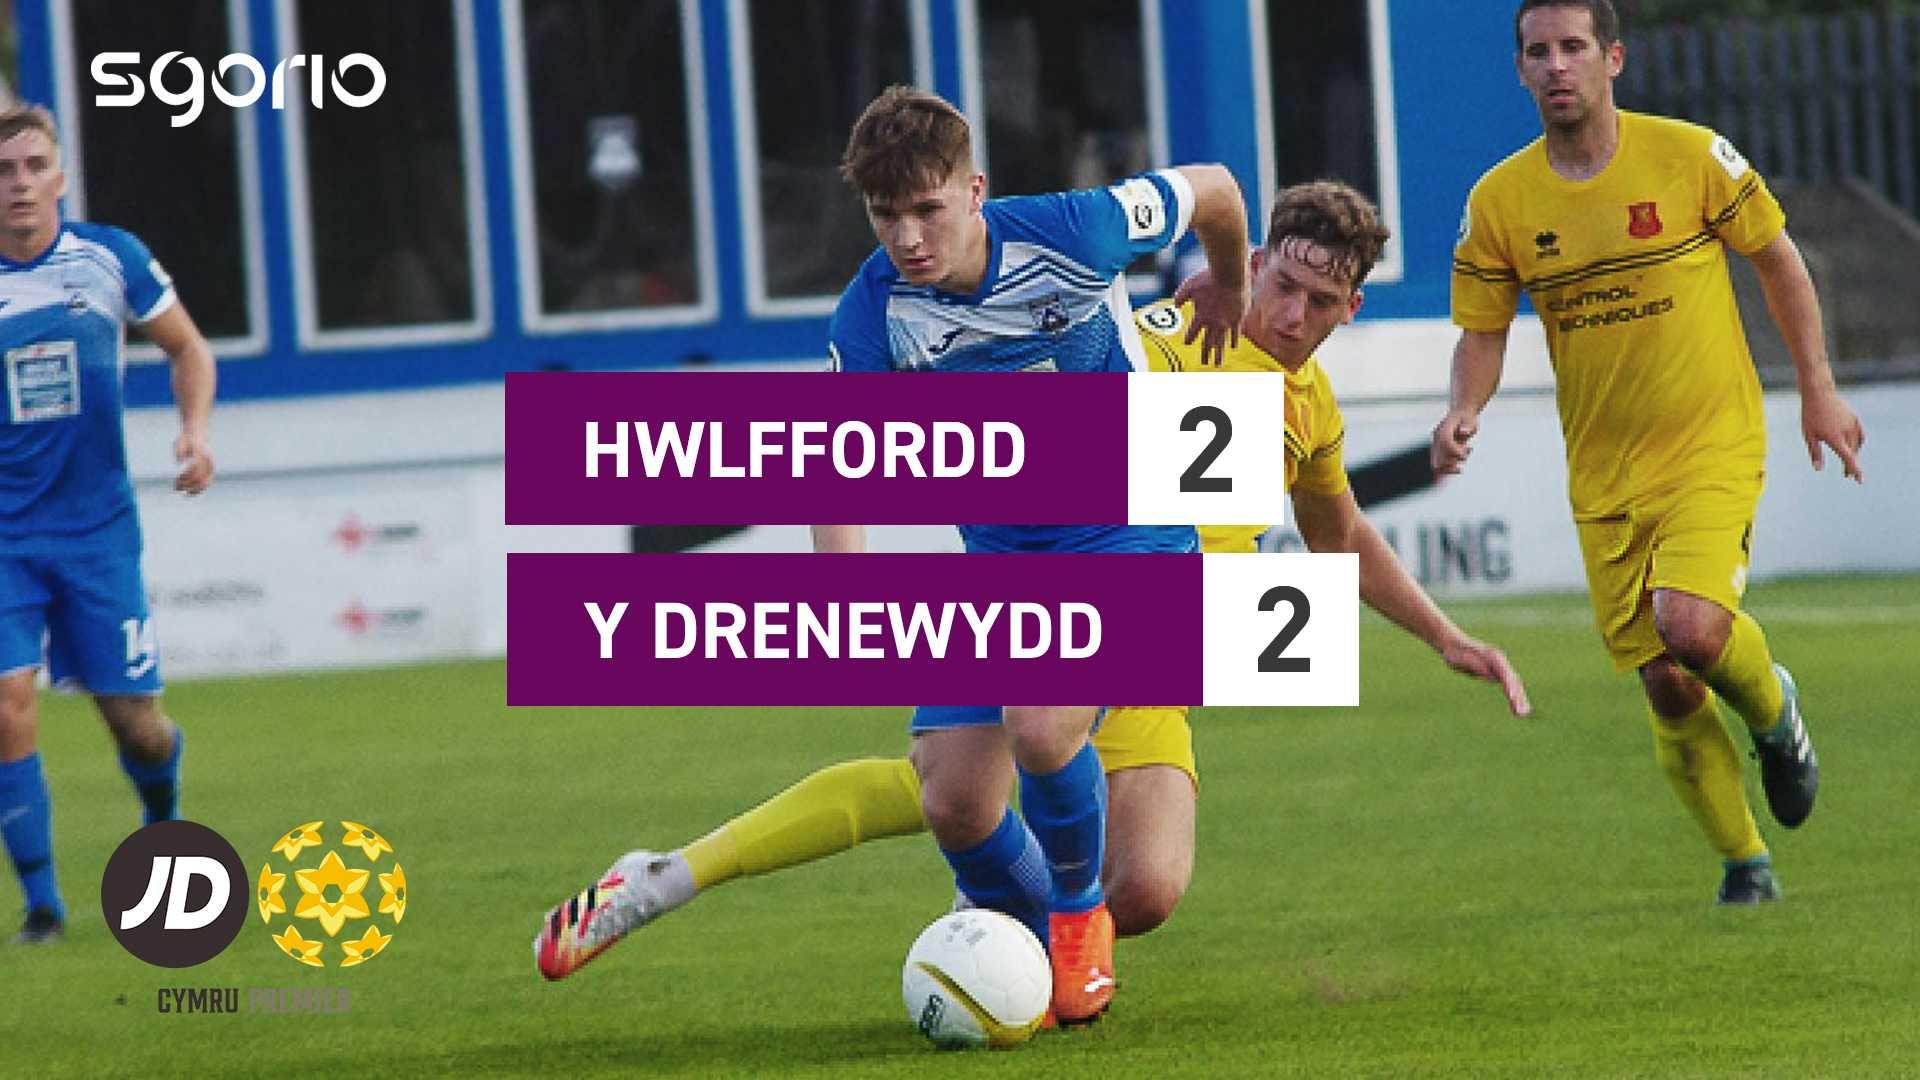 Hwlffordd 2-2 Y Drenewydd